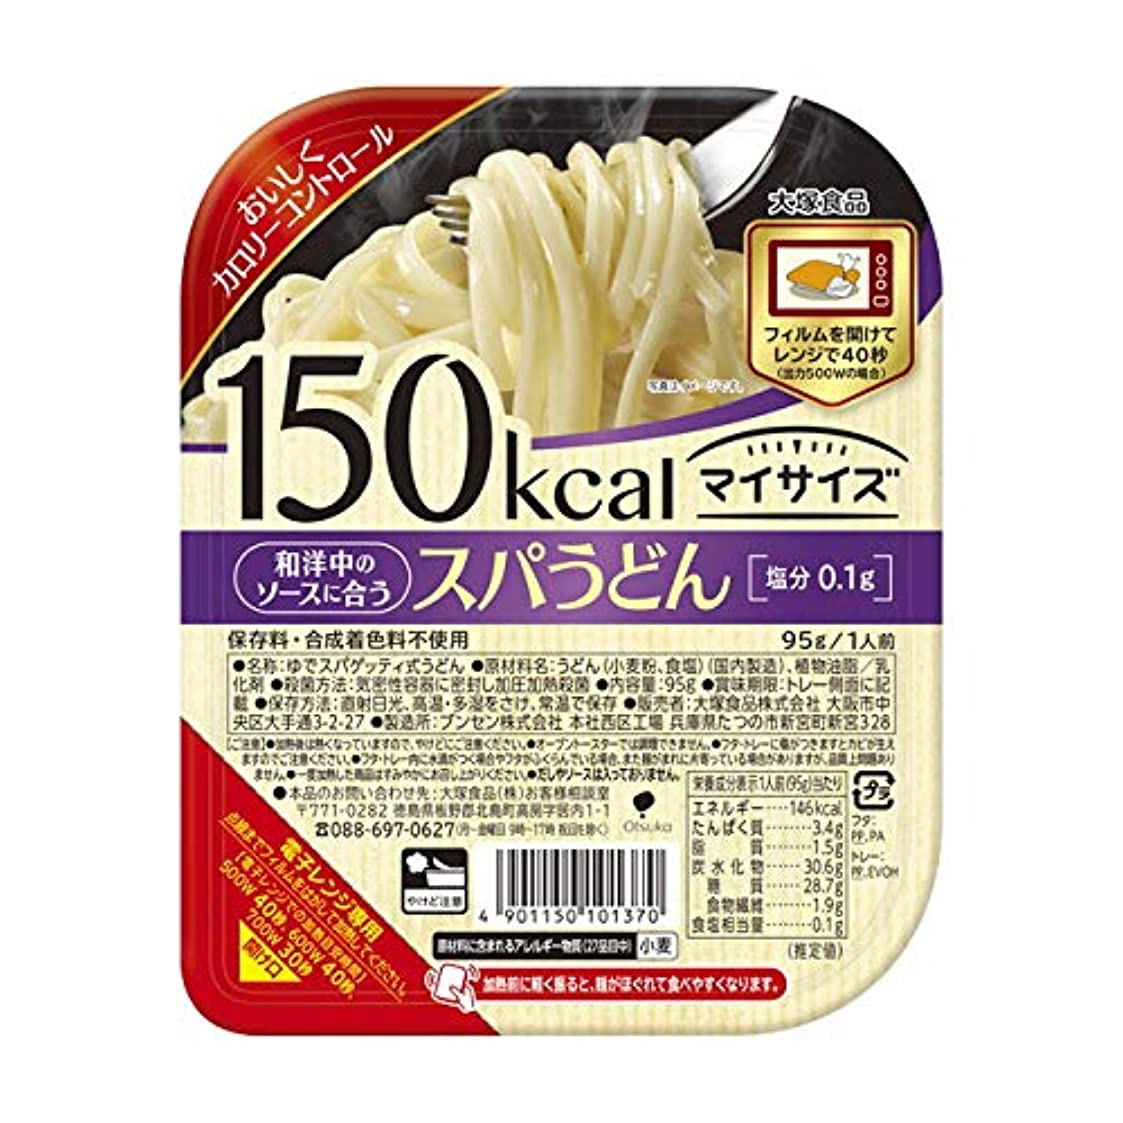 発音するコモランマ粒大塚食品 マイサイズ スパうどん 95g【6個セット】